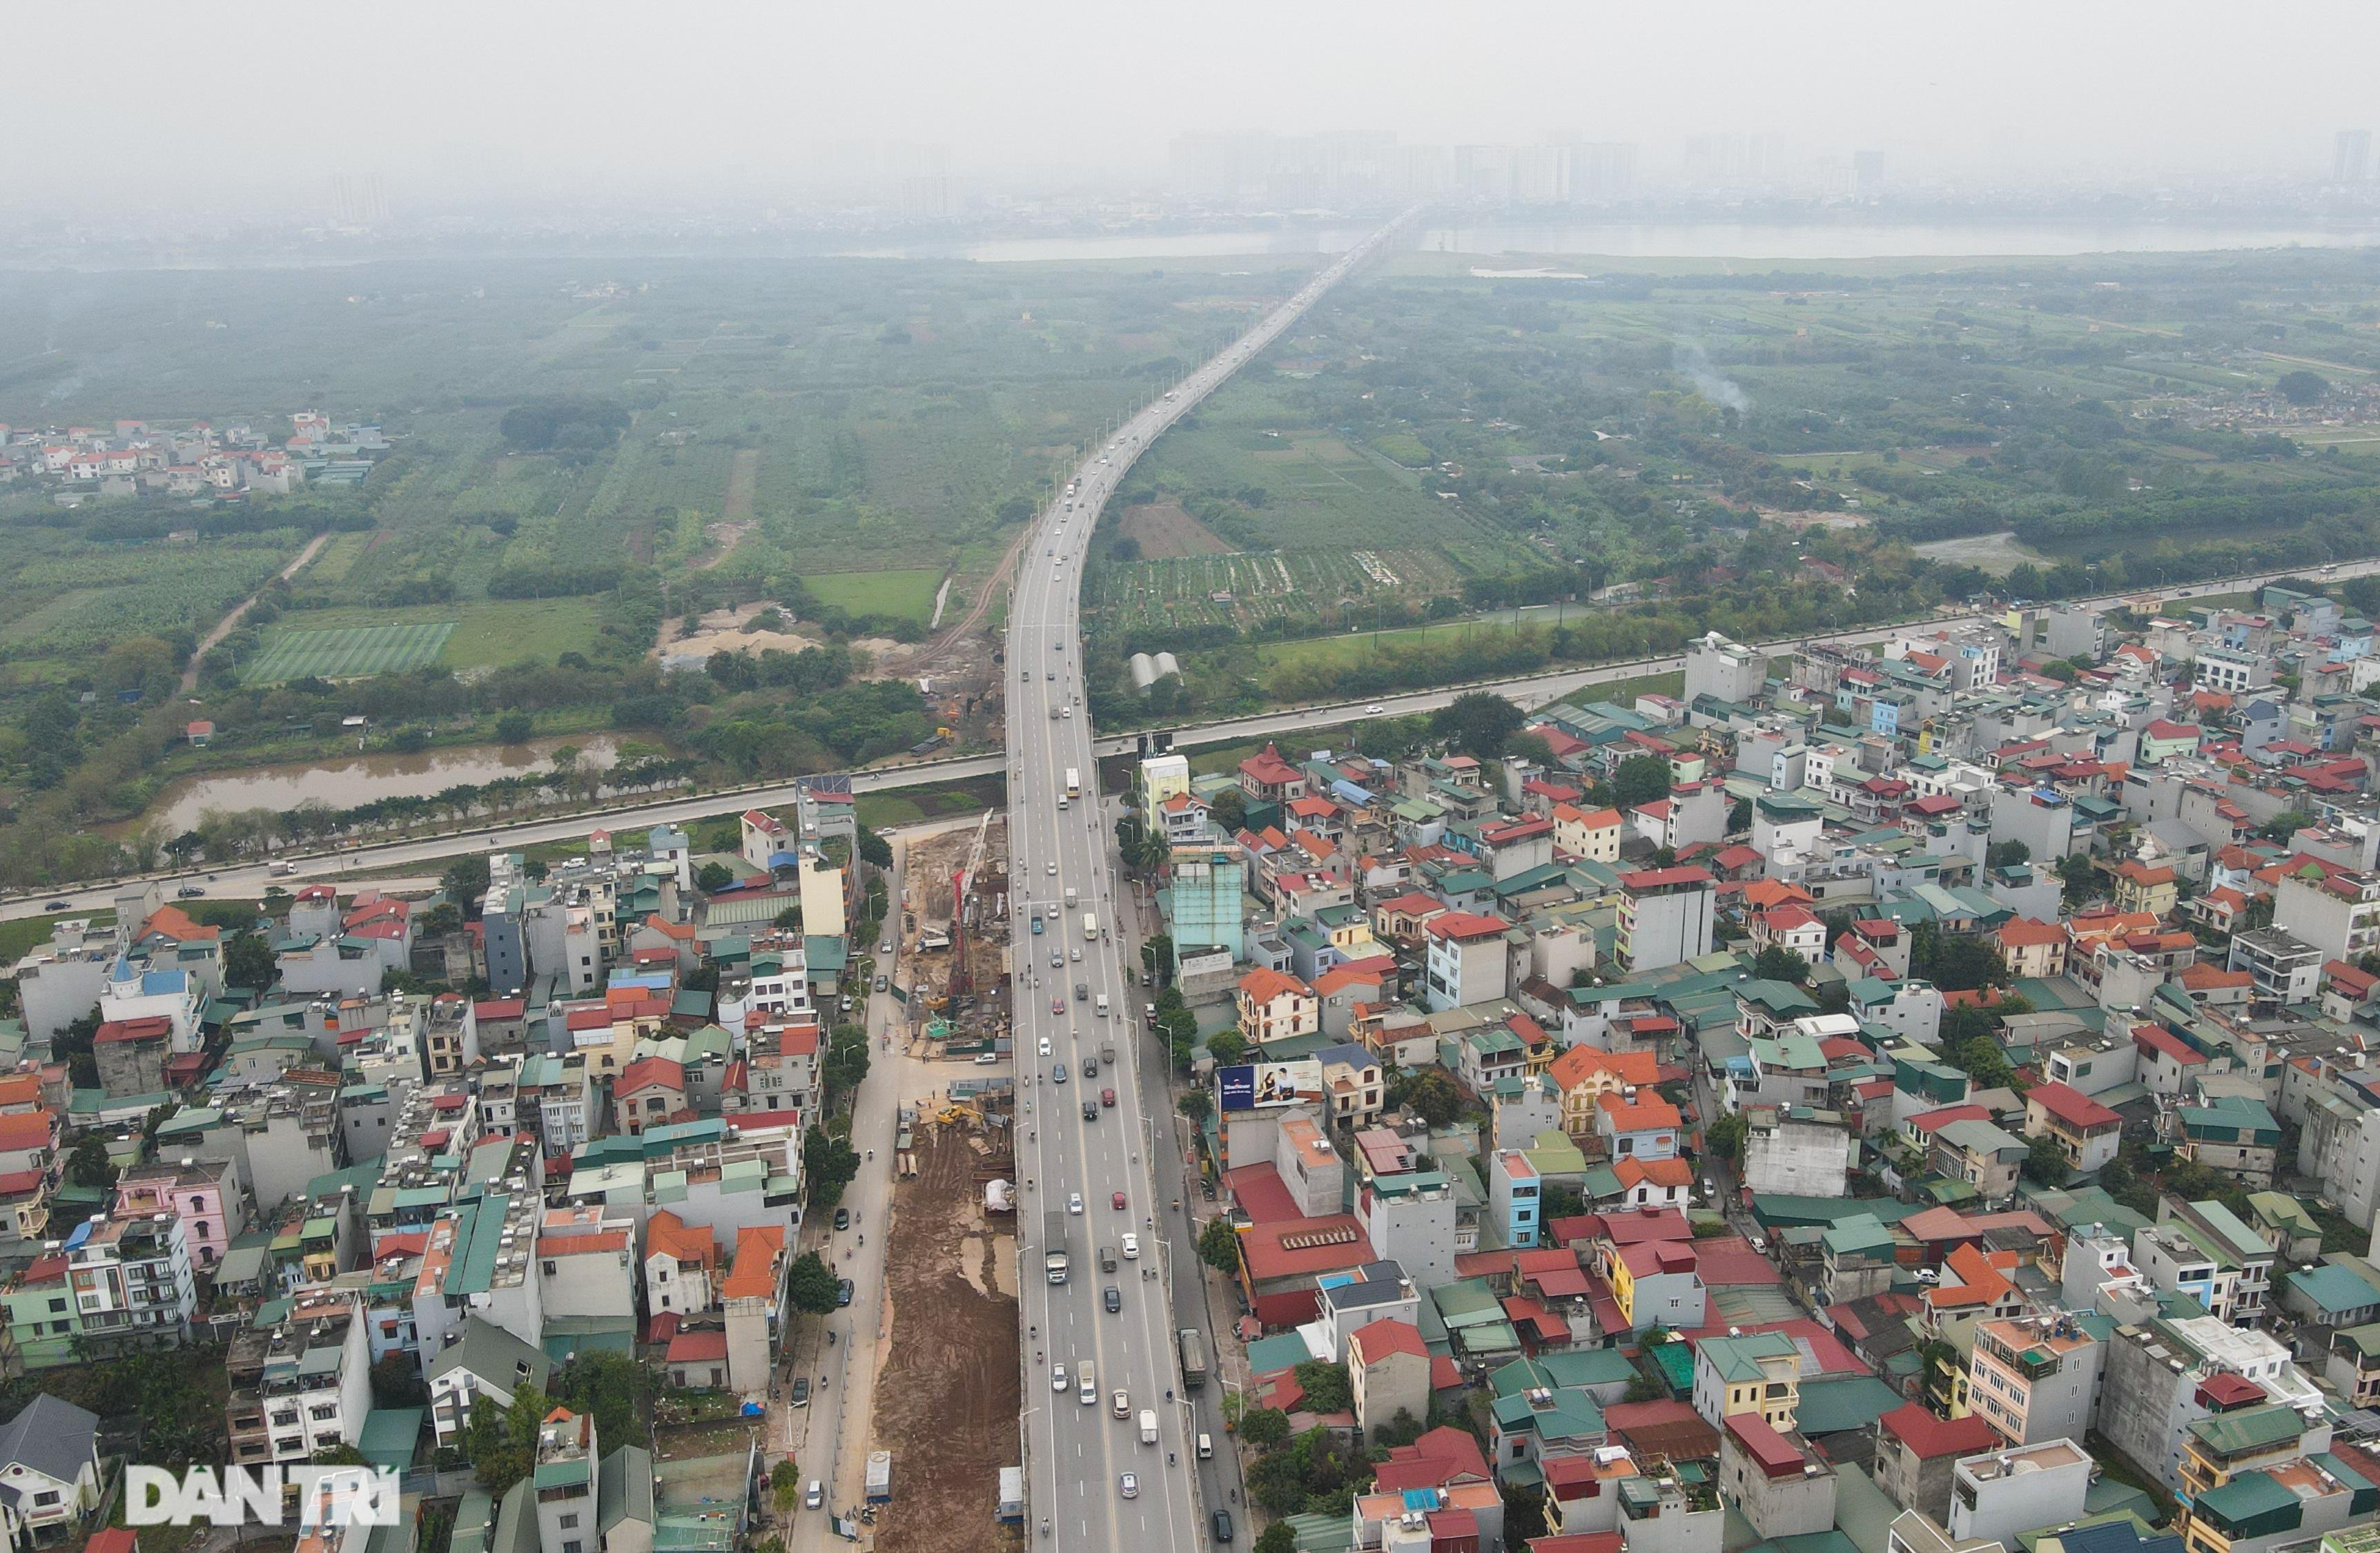 Công trường xây dựng cầu Vĩnh Tuy 2 vượt sông Hồng hơn 2.500 tỷ ở Hà Nội - 1